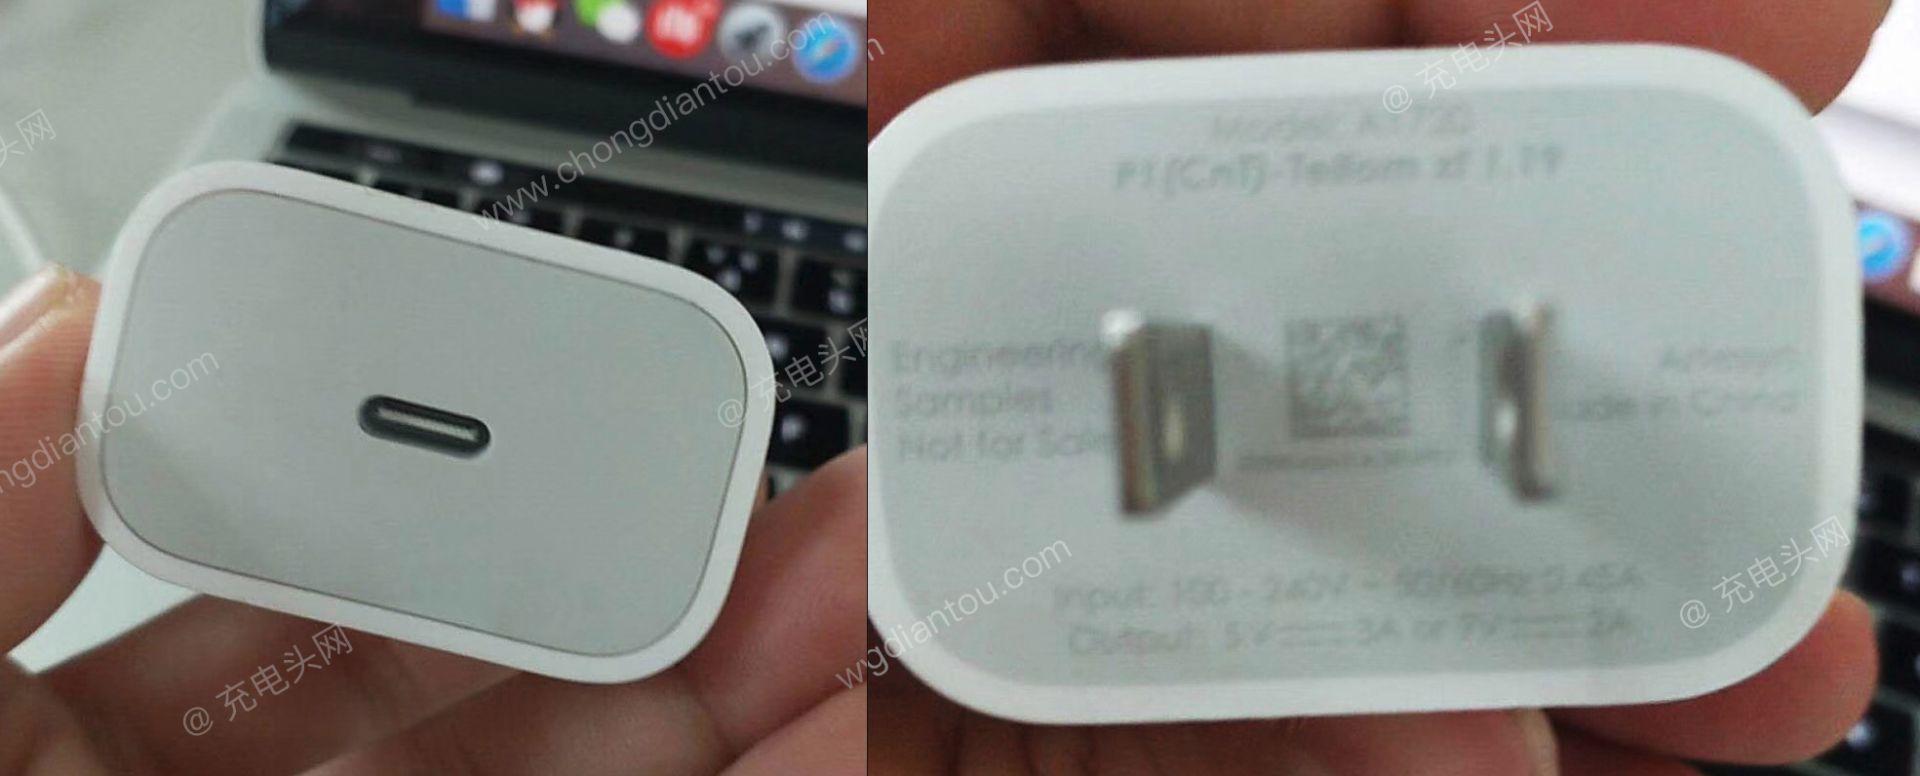 售价过万的新iPhone只配祖传5W充电器,你怎么看?